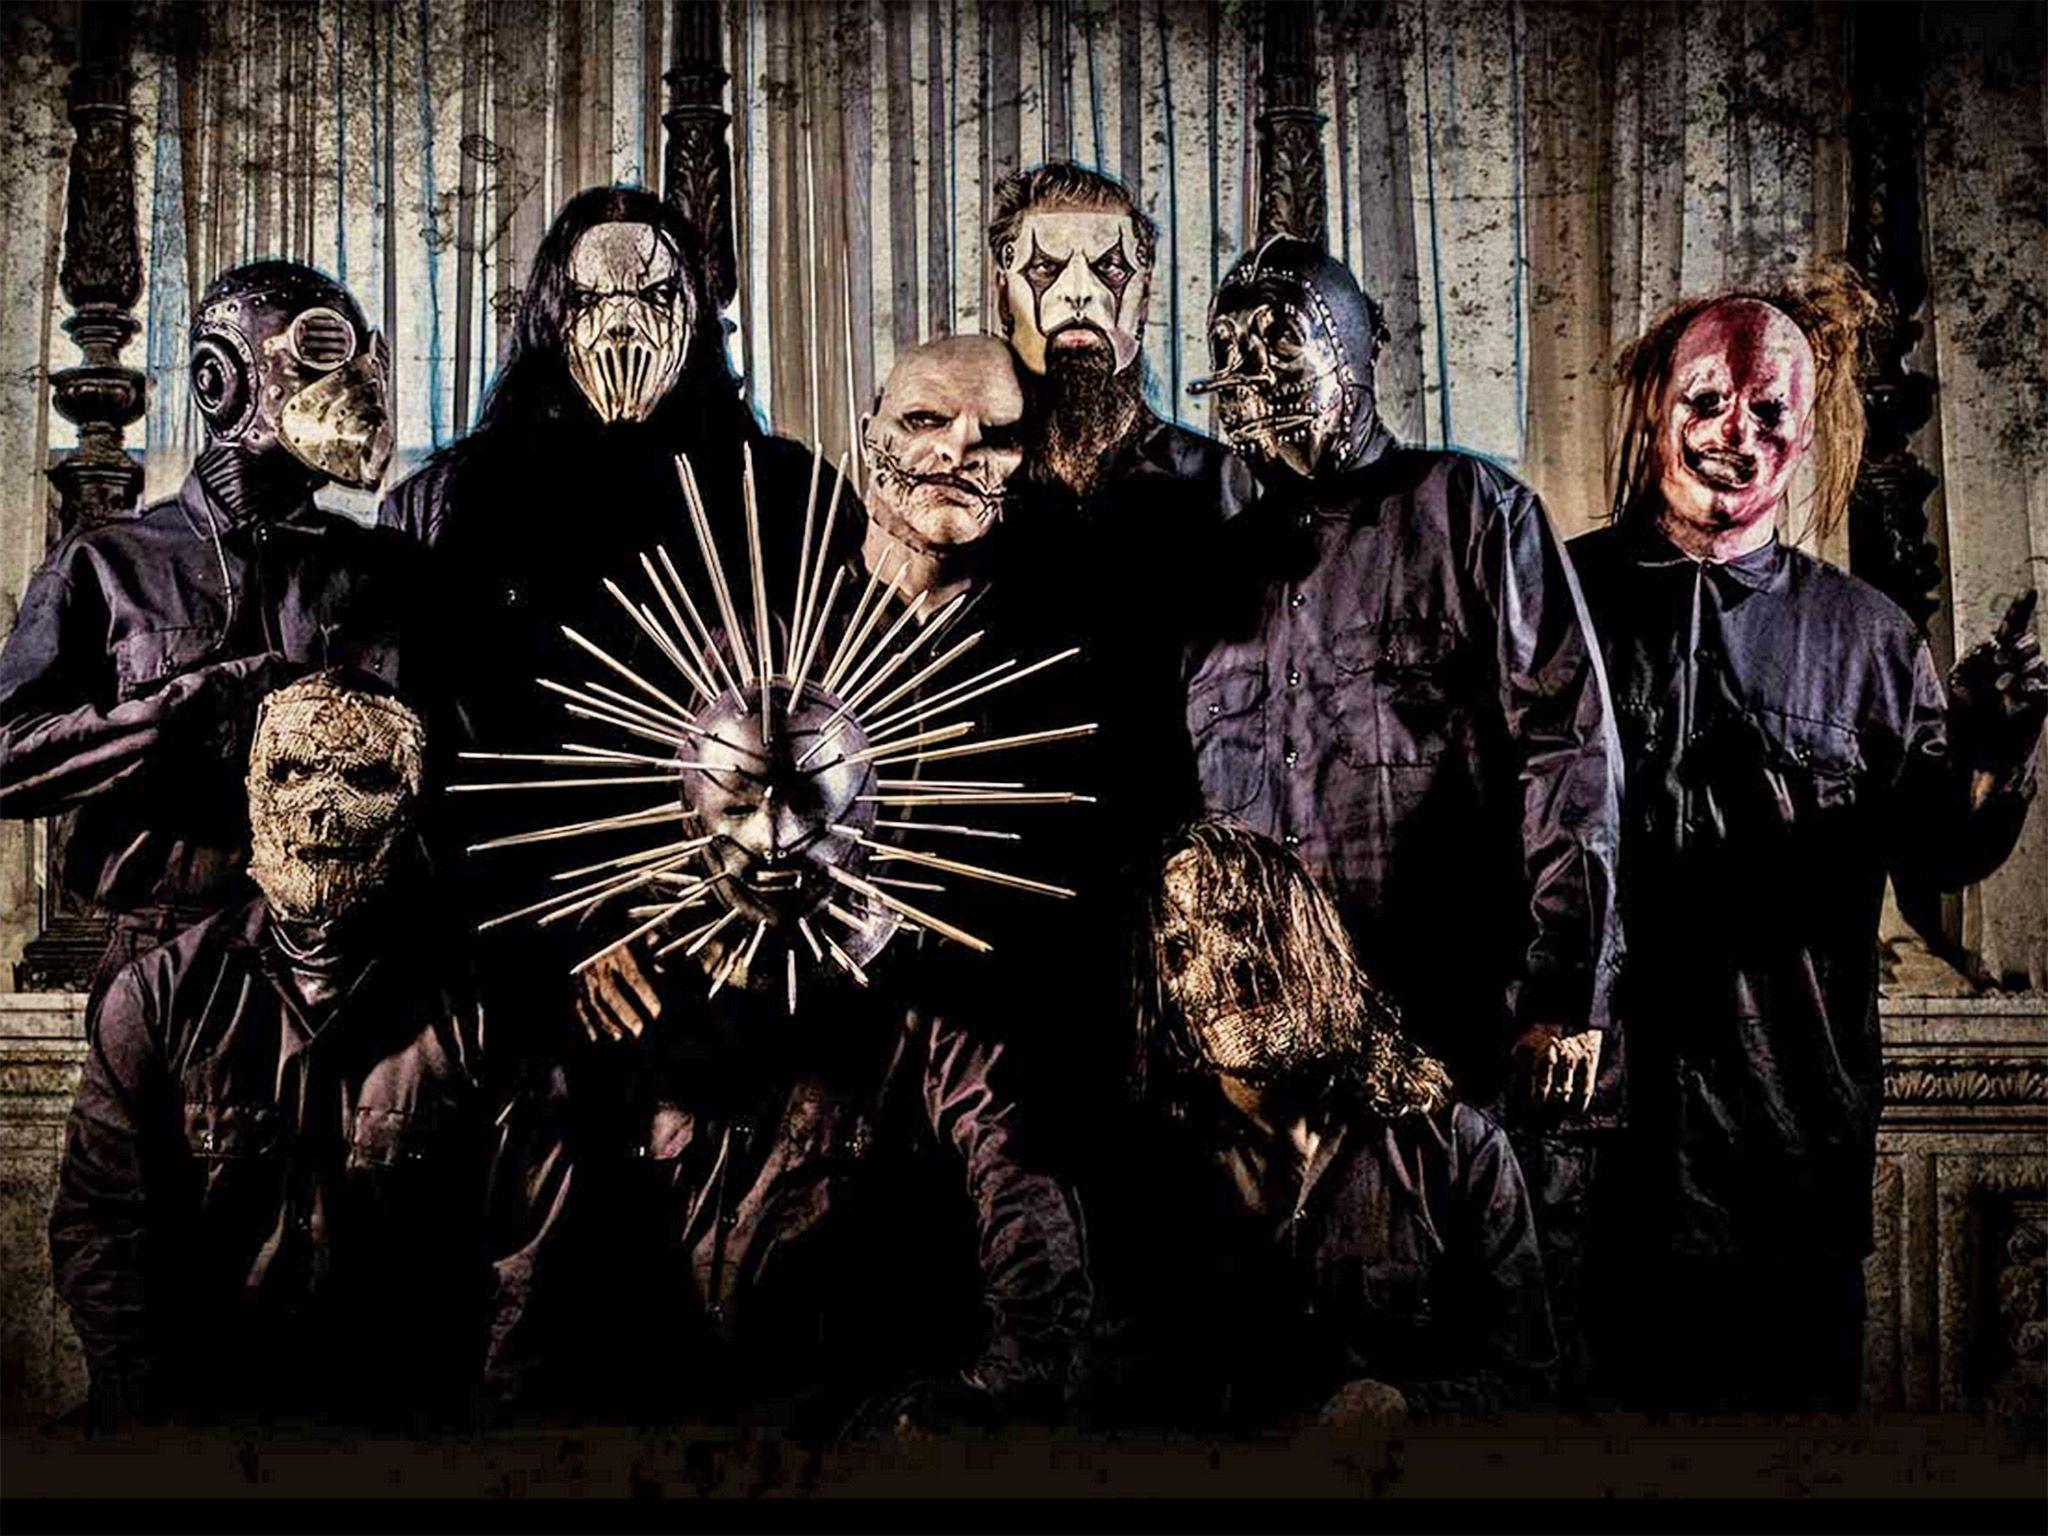 Slipknot 2015 Wallpapers 2048x1536